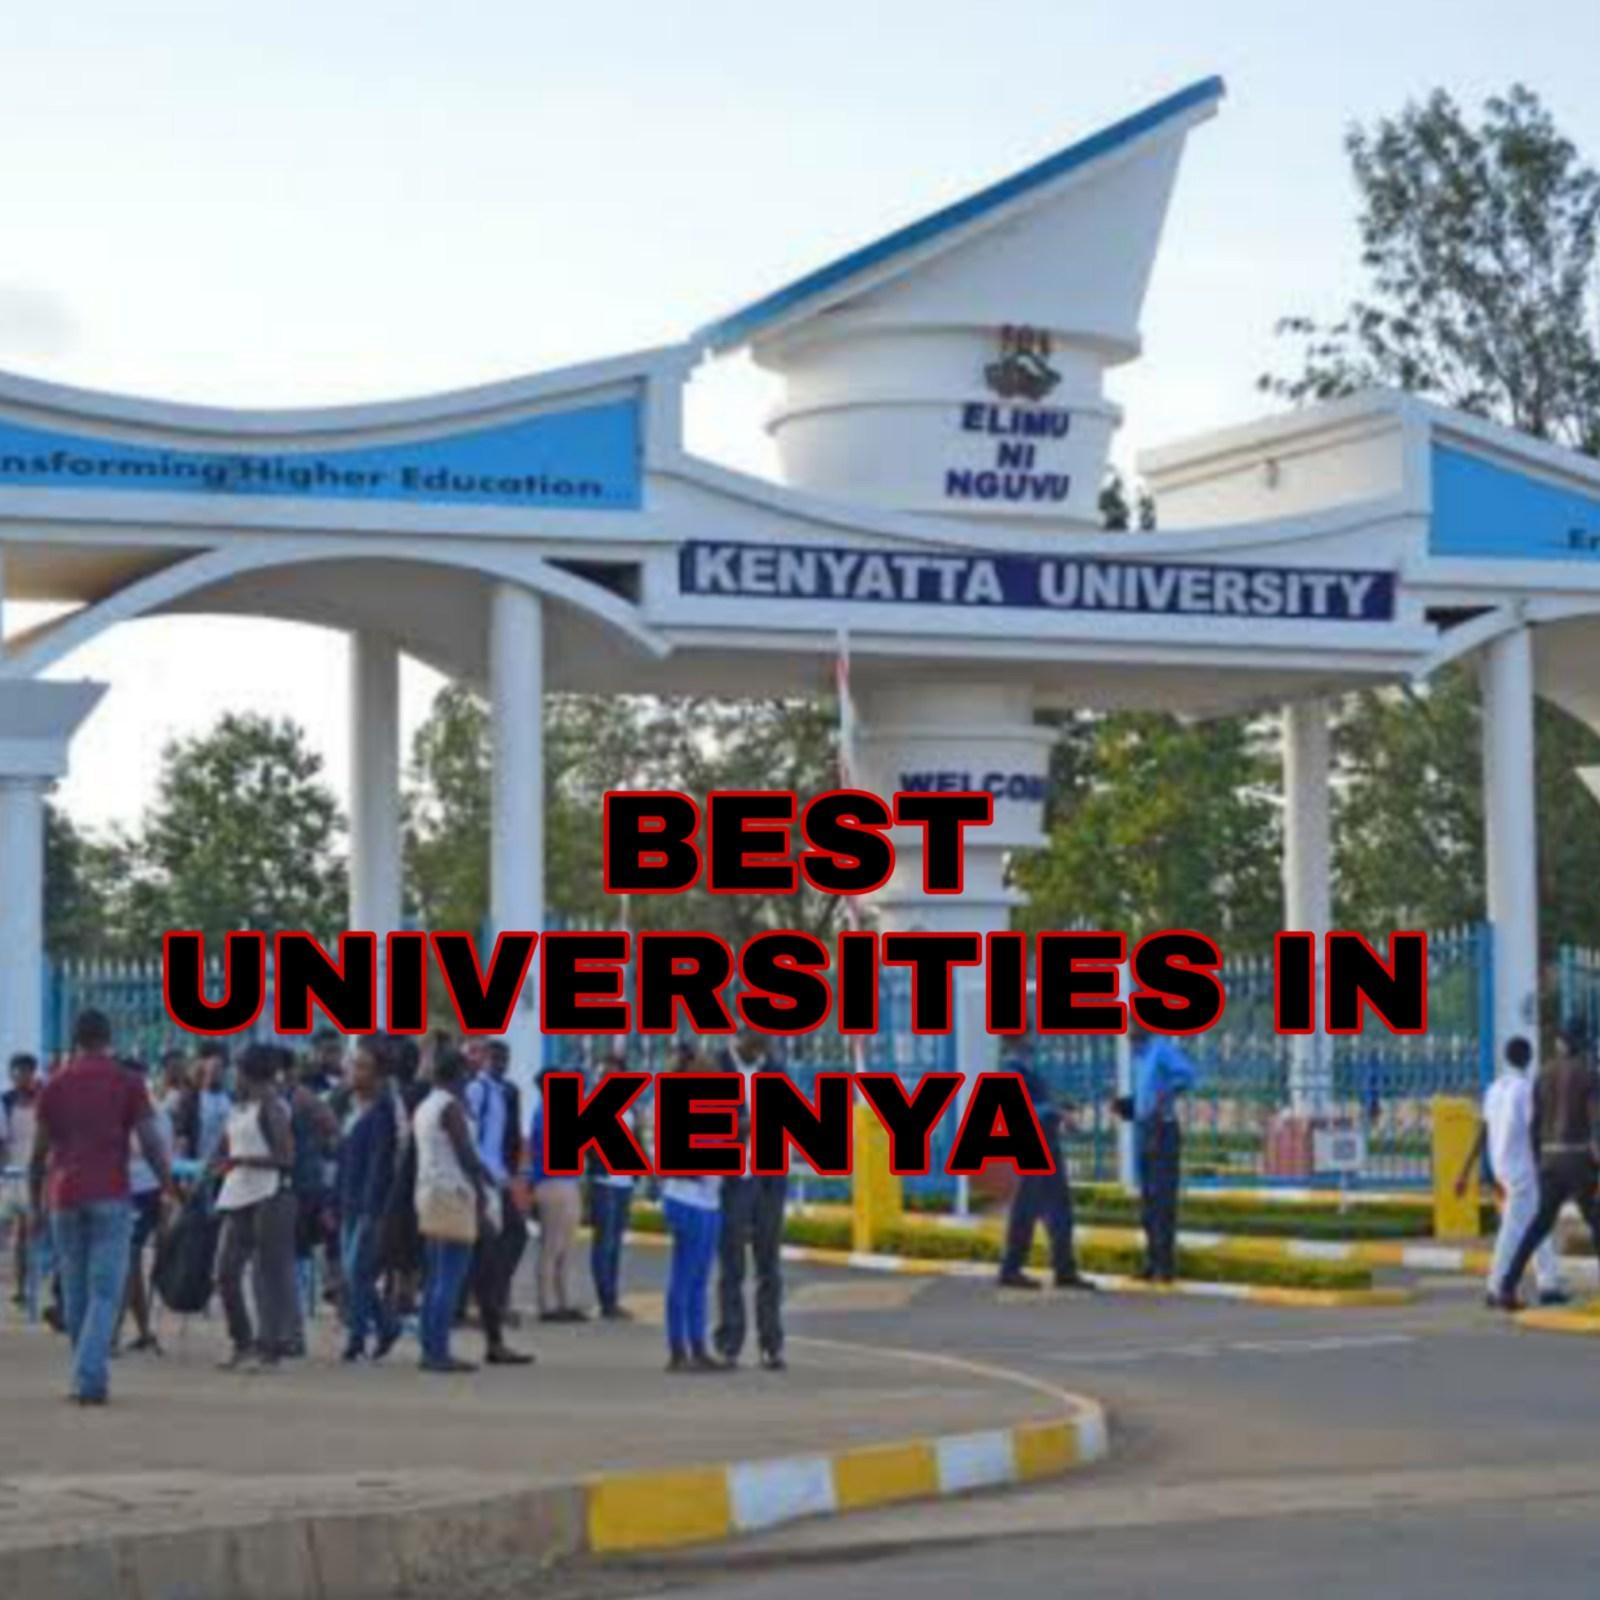 62 Best Universities In Kenya 2020/2021